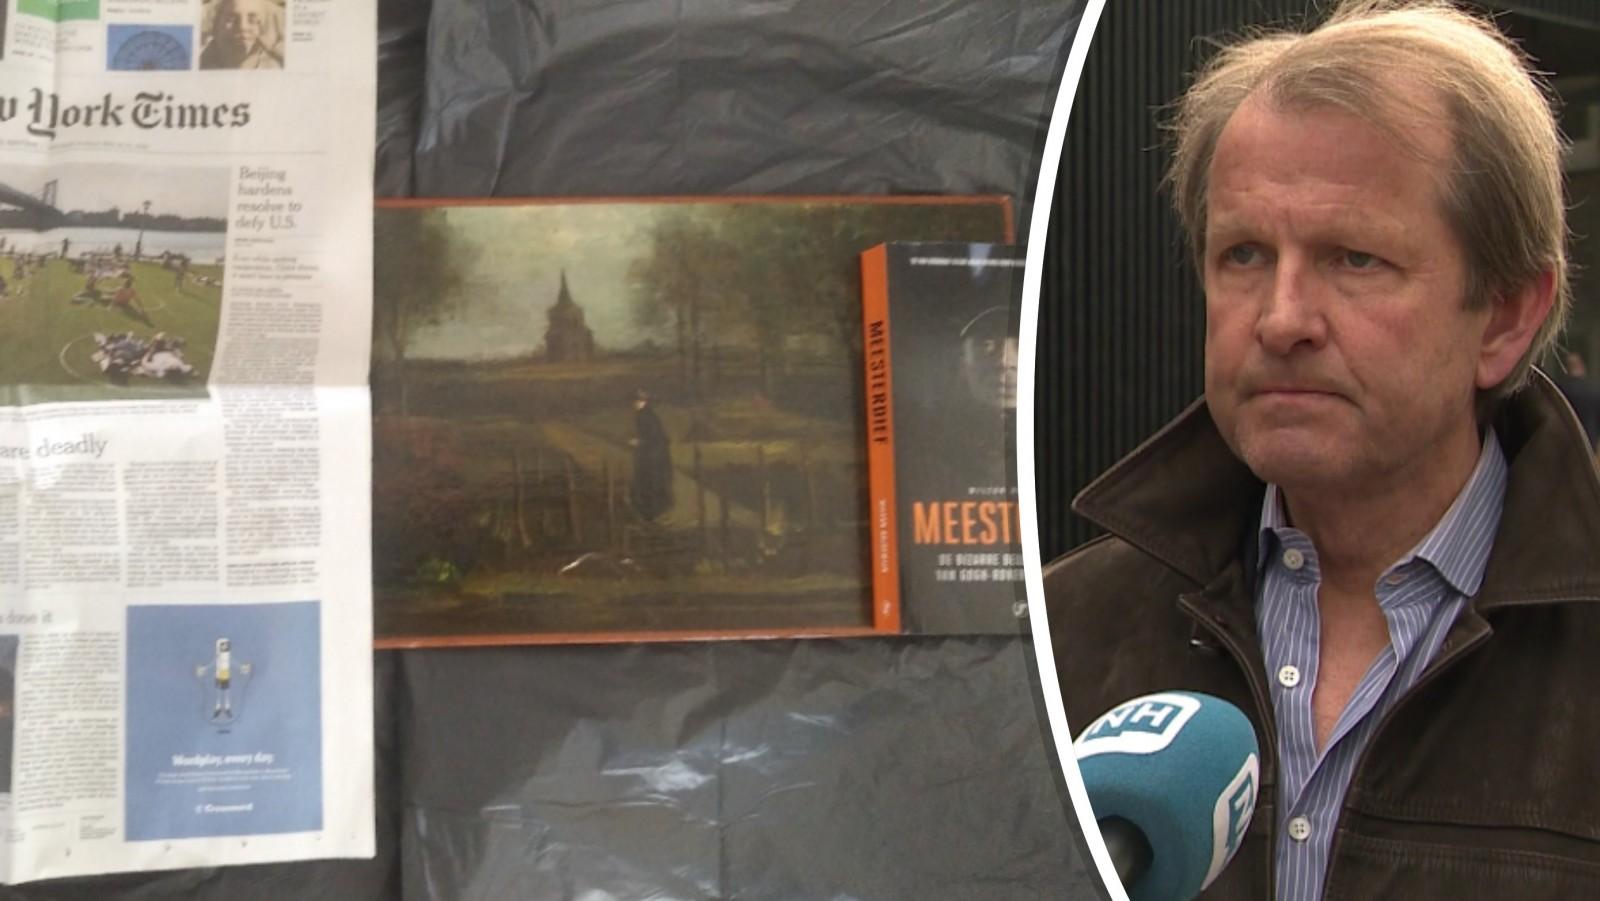 Museumdirecteur Singer Laren hoopvol over opgedoken foto's geroofde Van Gogh